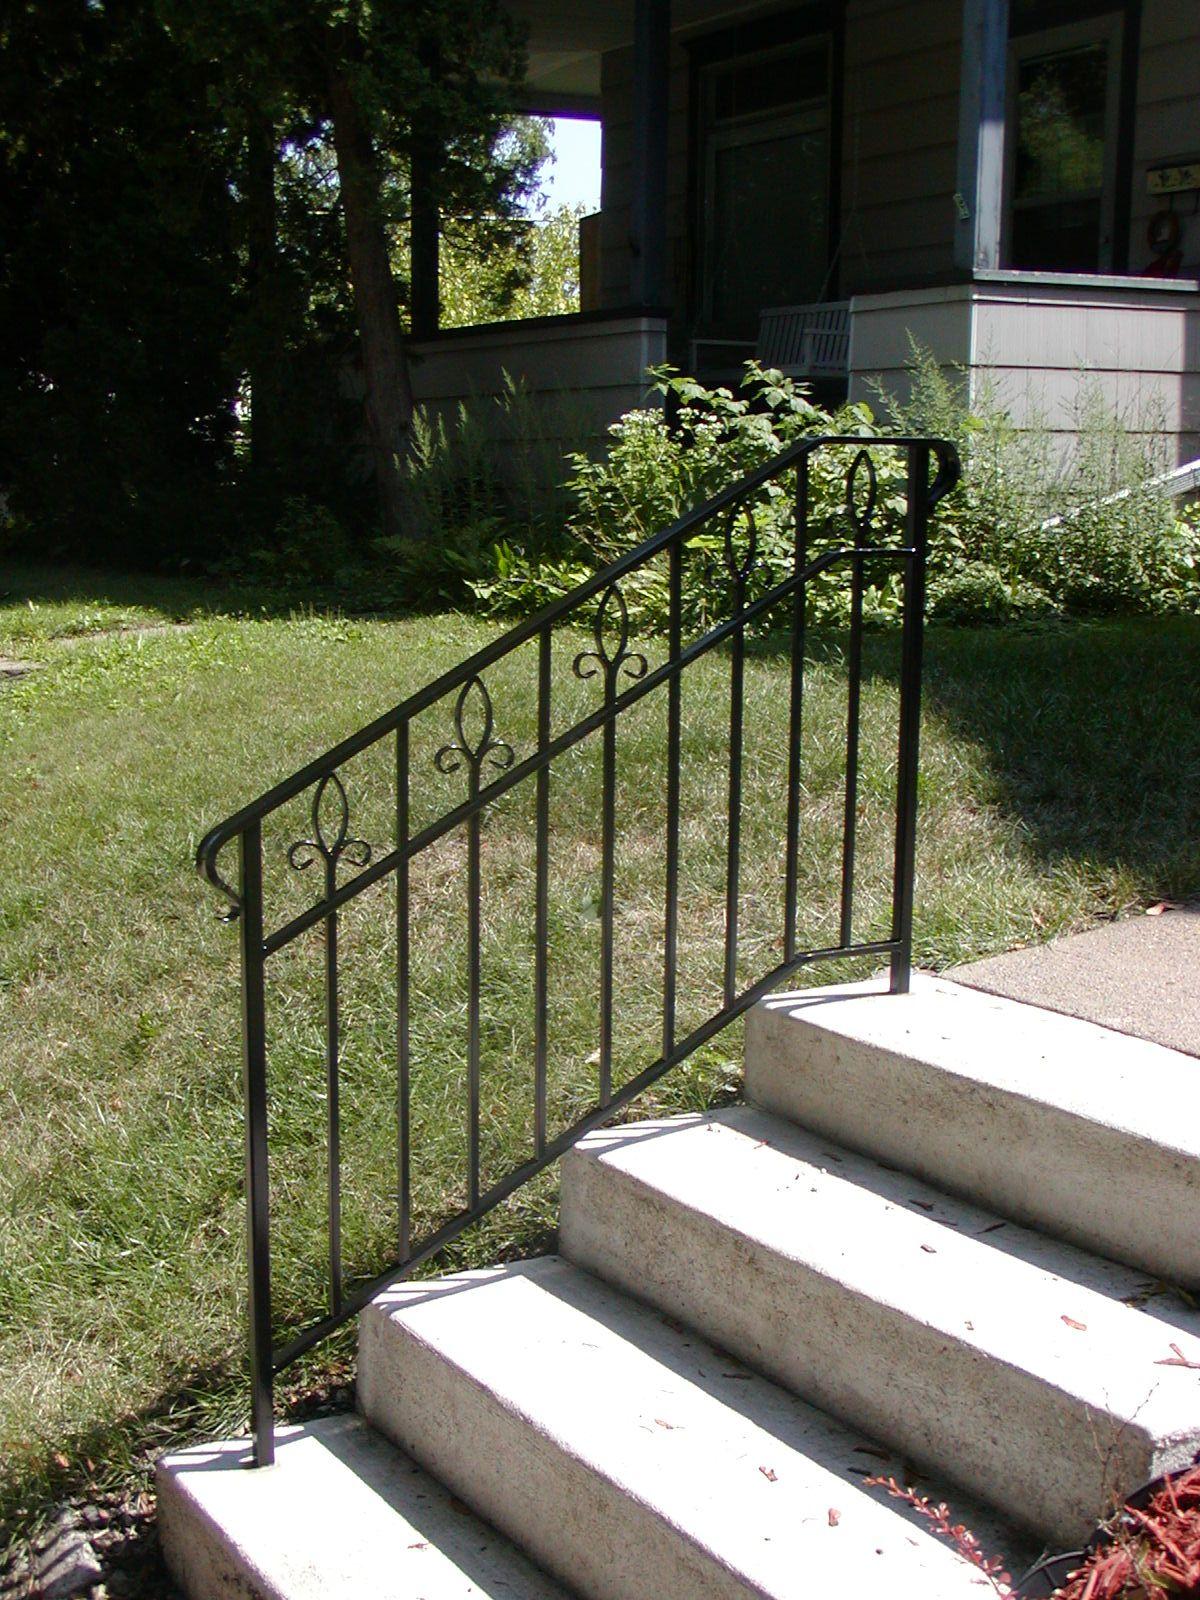 Iron Step Railing With Custom Made Fleur De Lis Designs | Iron Railings For Steps